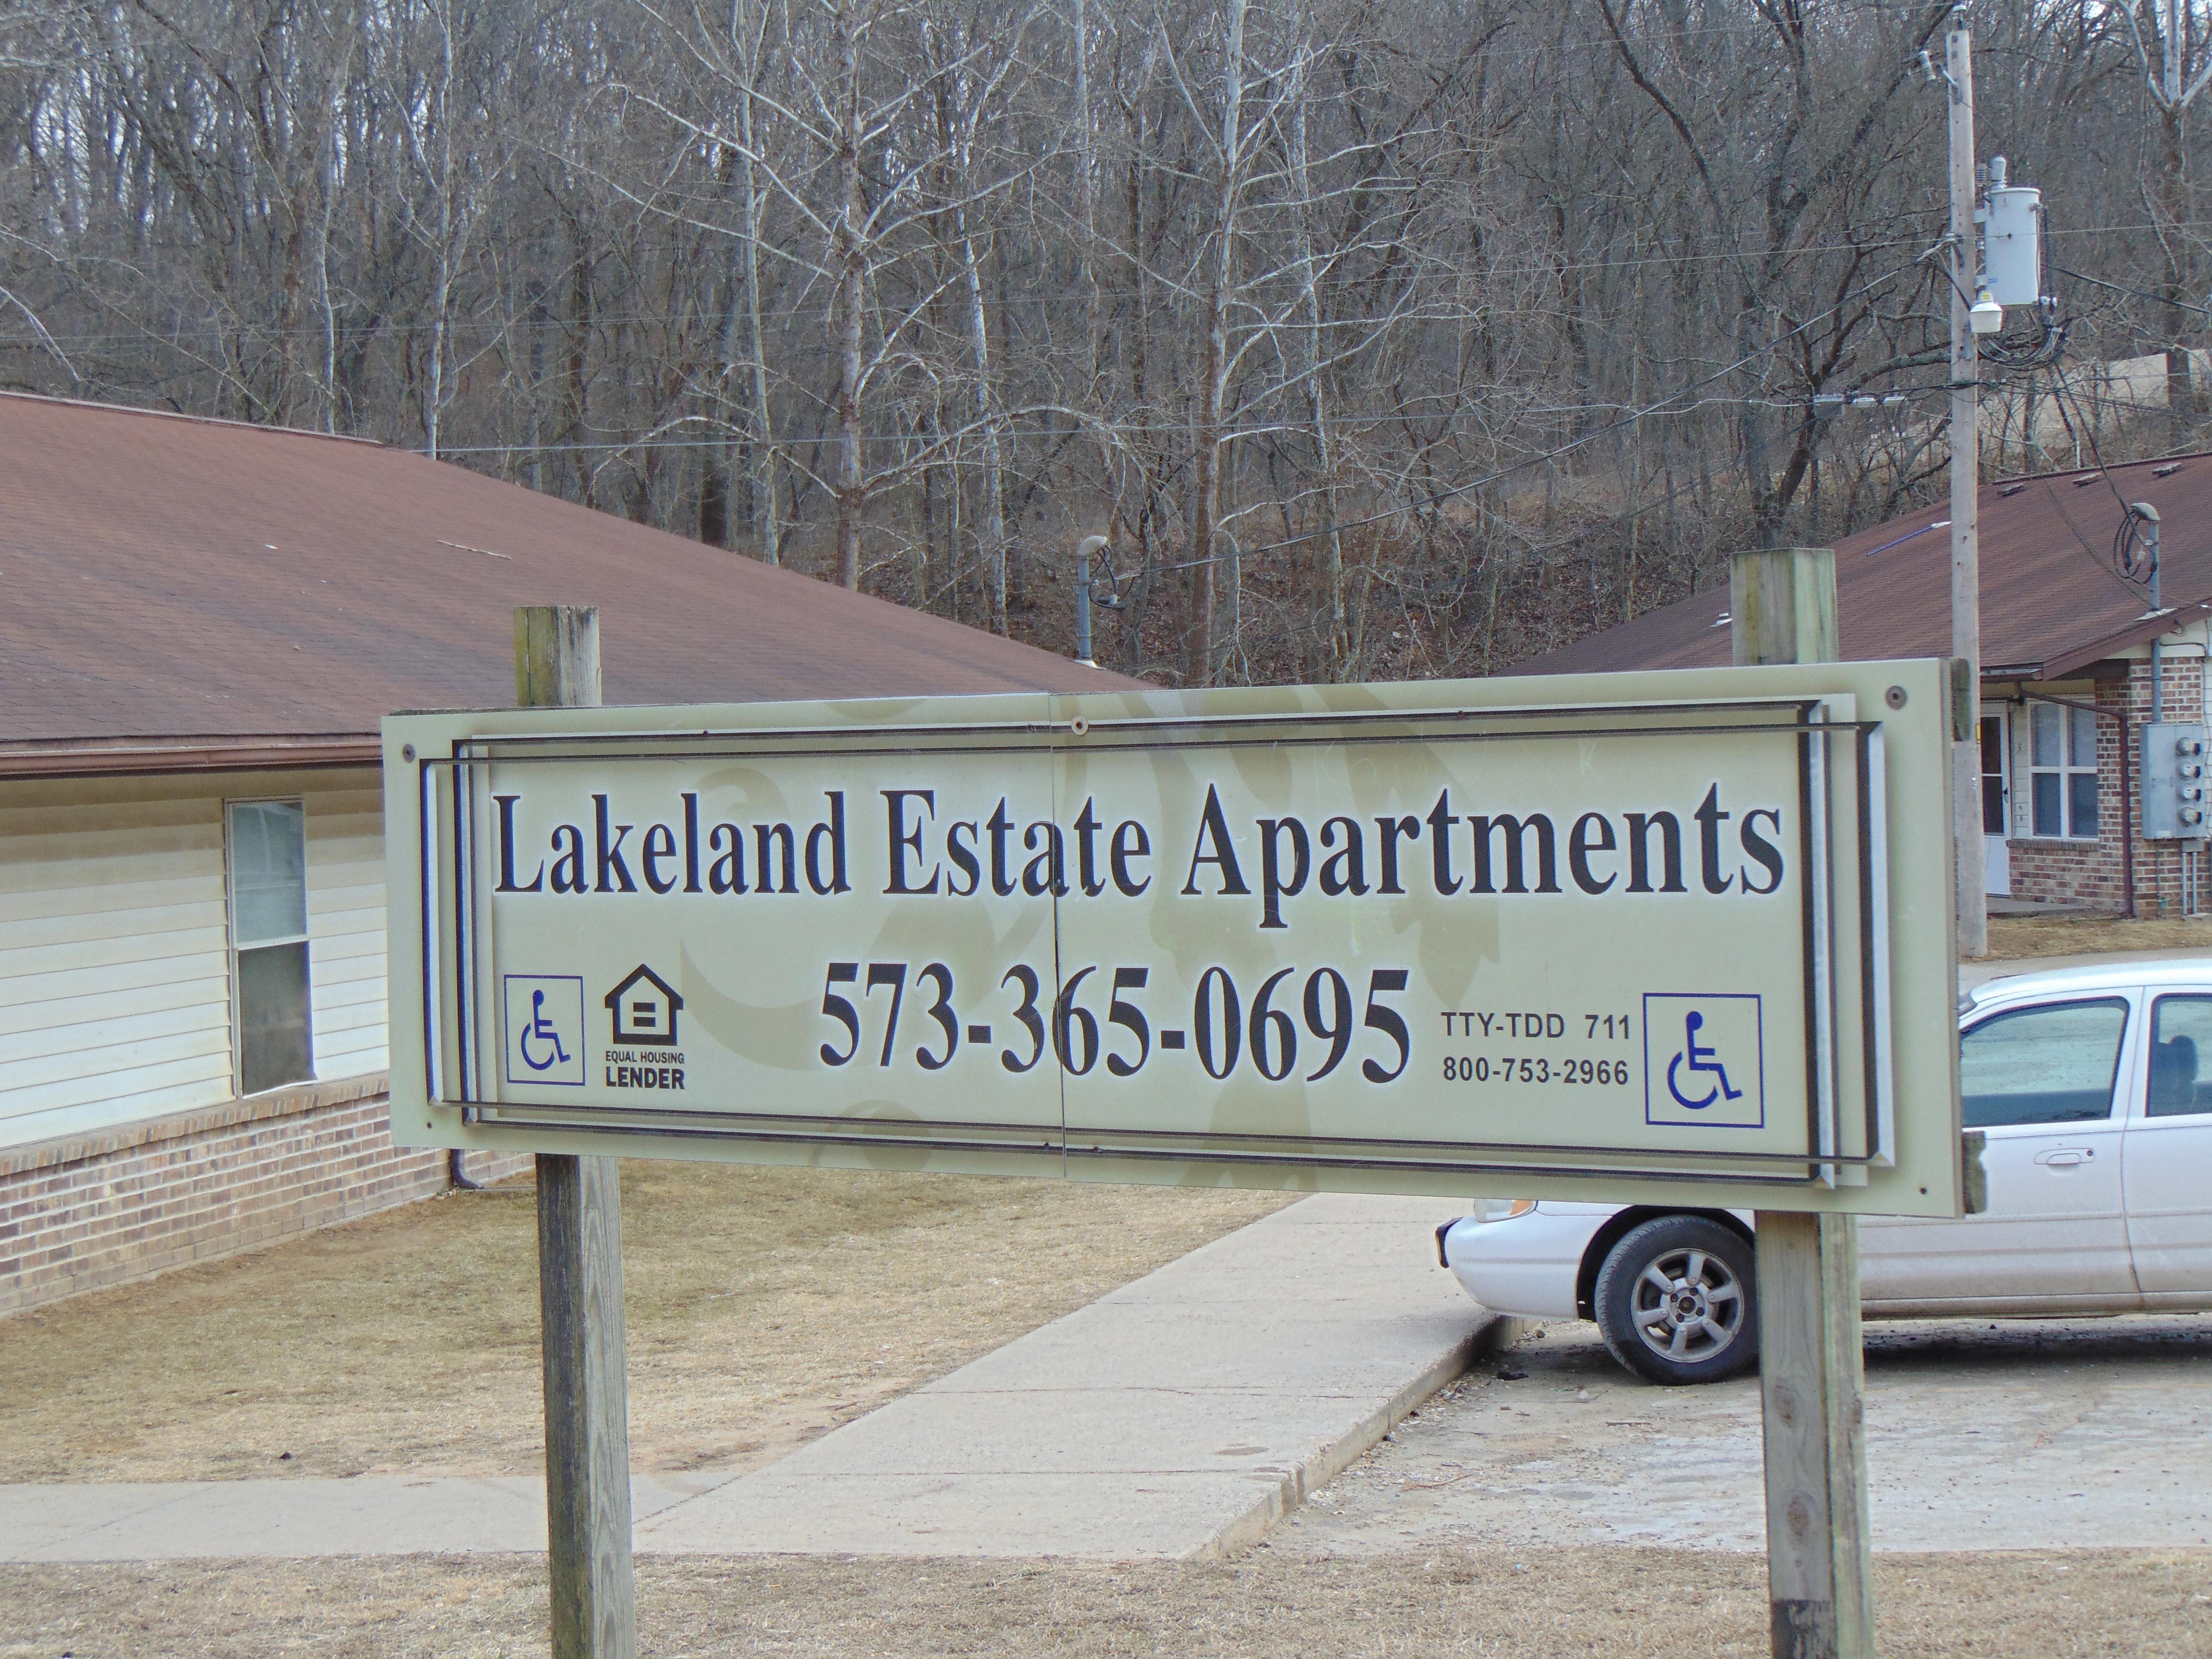 Image of Lakeland Estates Apartments